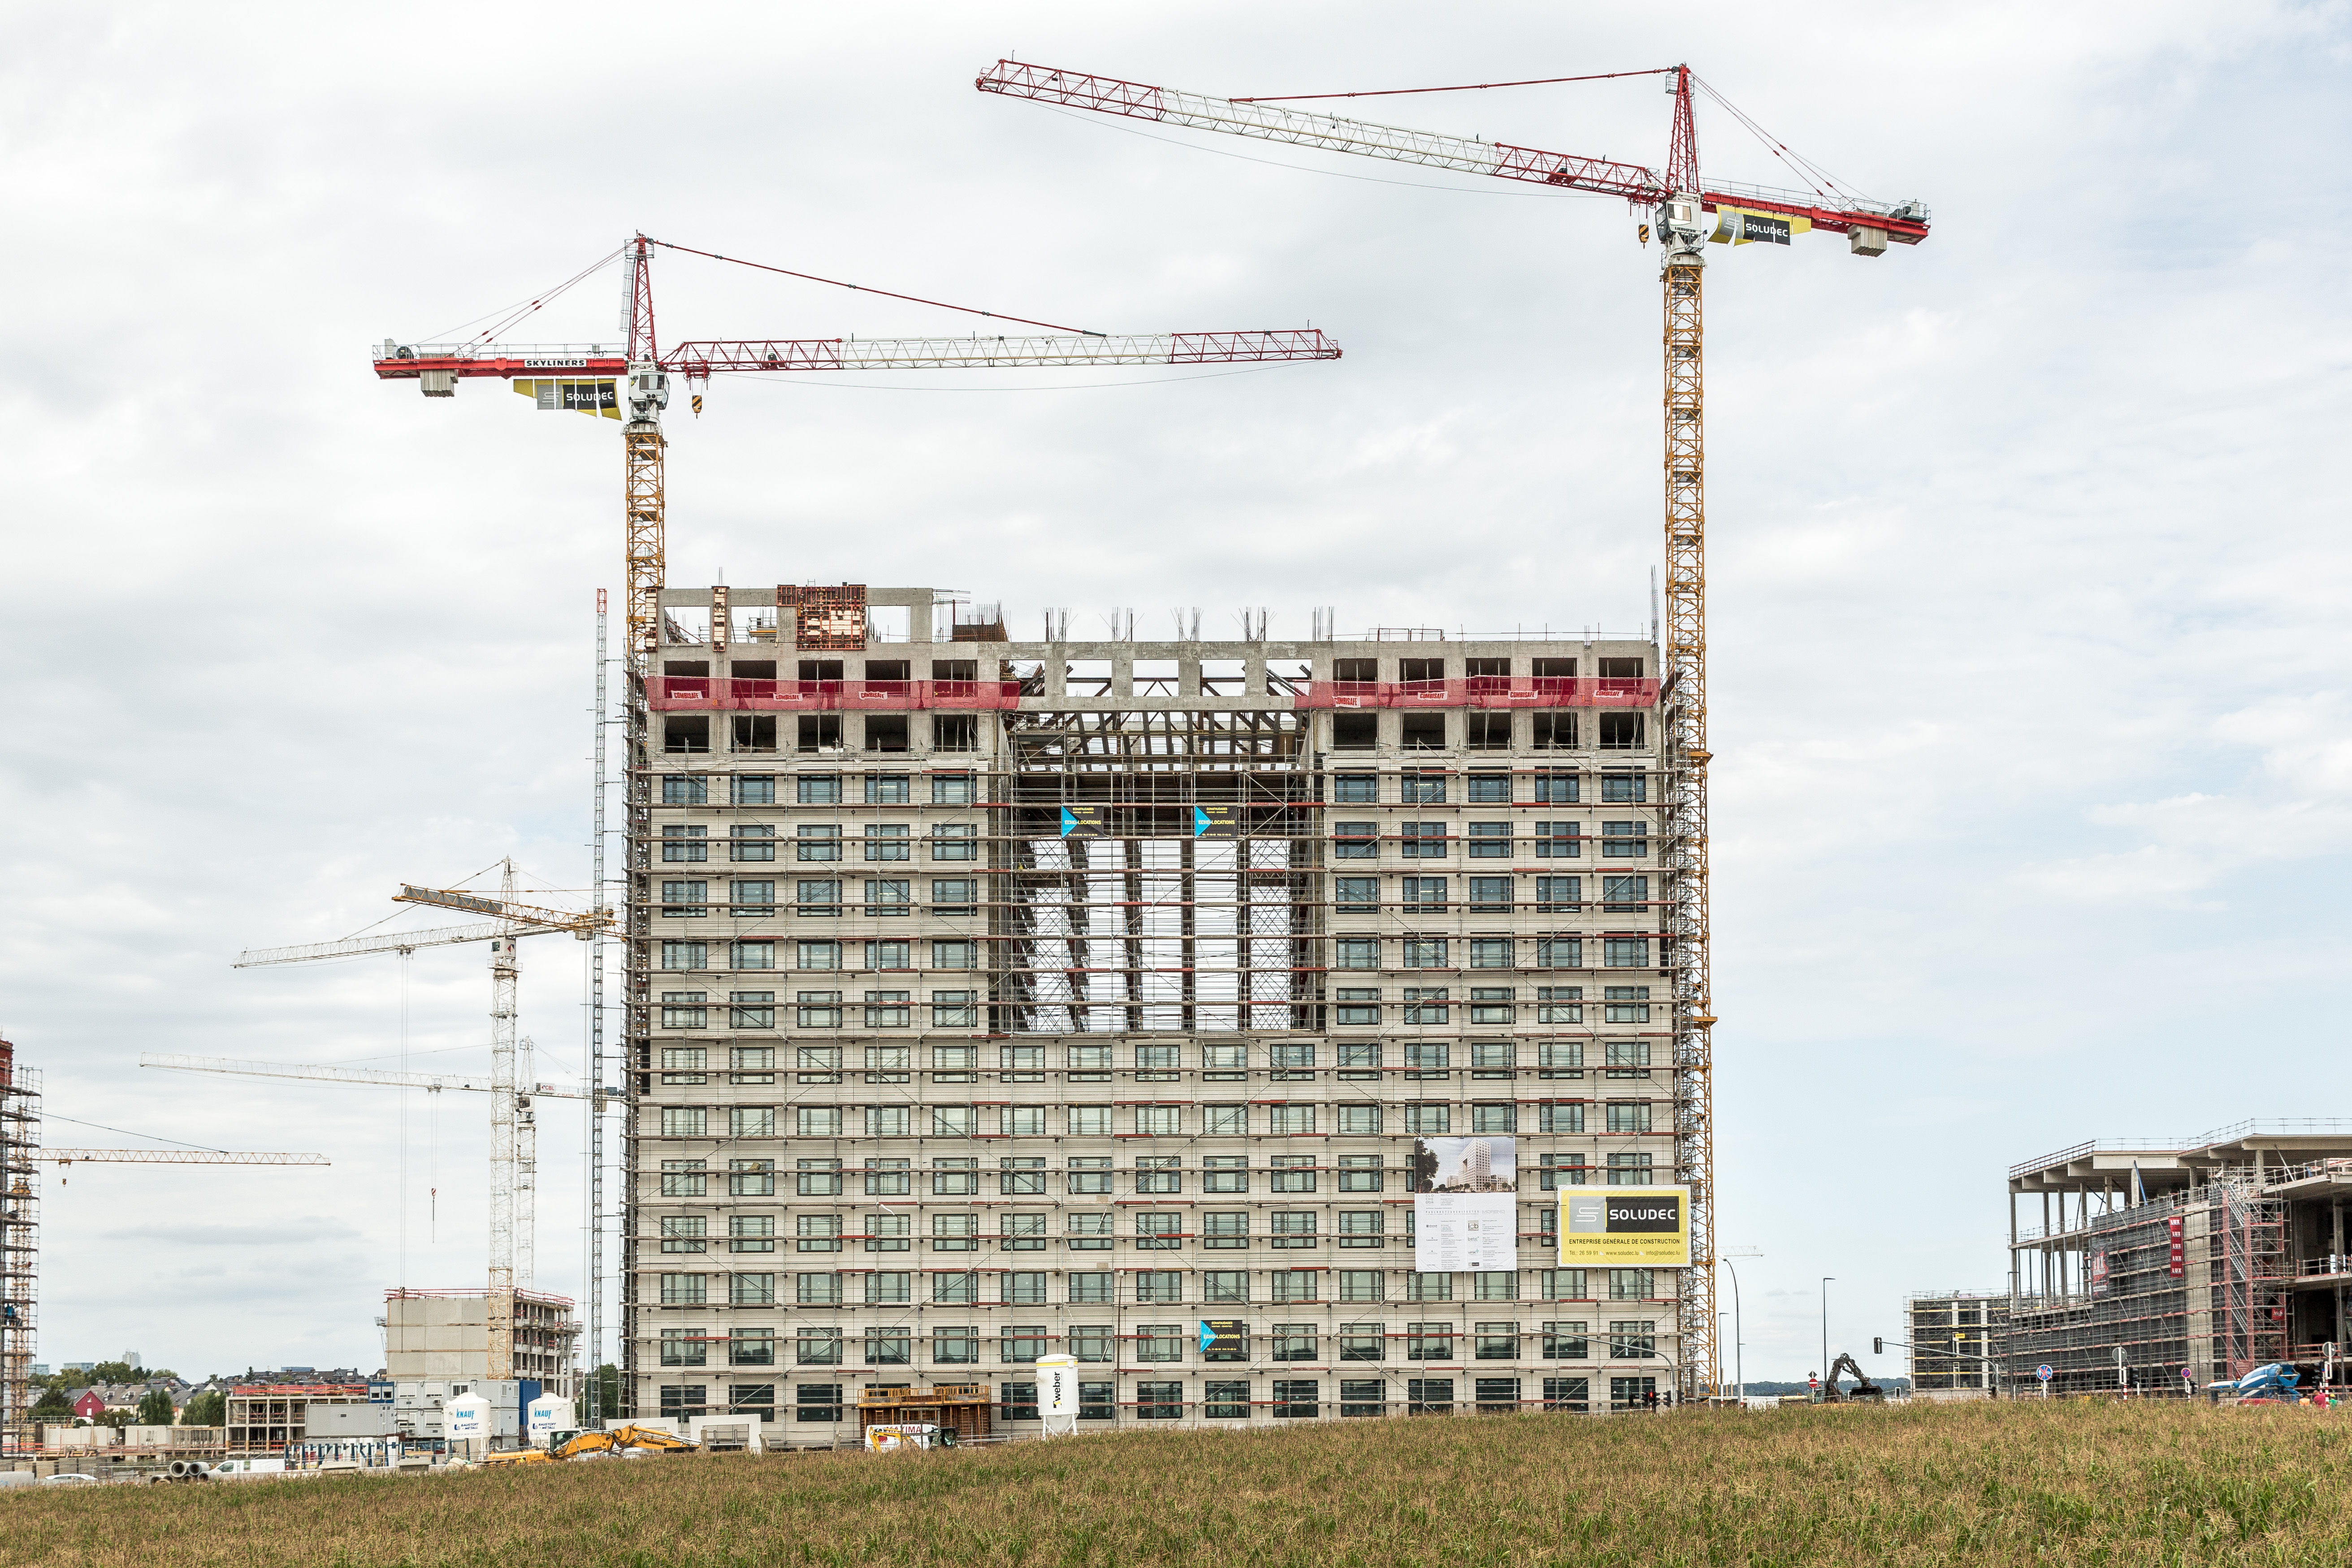 Le futur bâtiment de Deloitte, livré en octobre 2018, doit devenir l'une des signatures visuelles du nouveau quartier. (Photo: Maison Moderne)